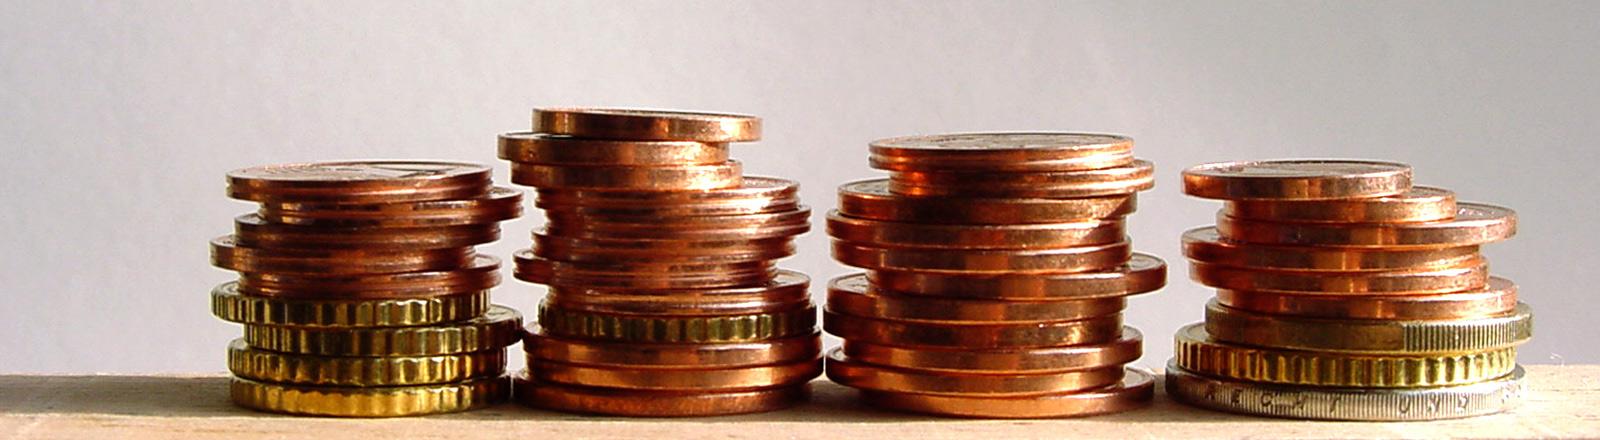 Münzhäufchen nebeneinander